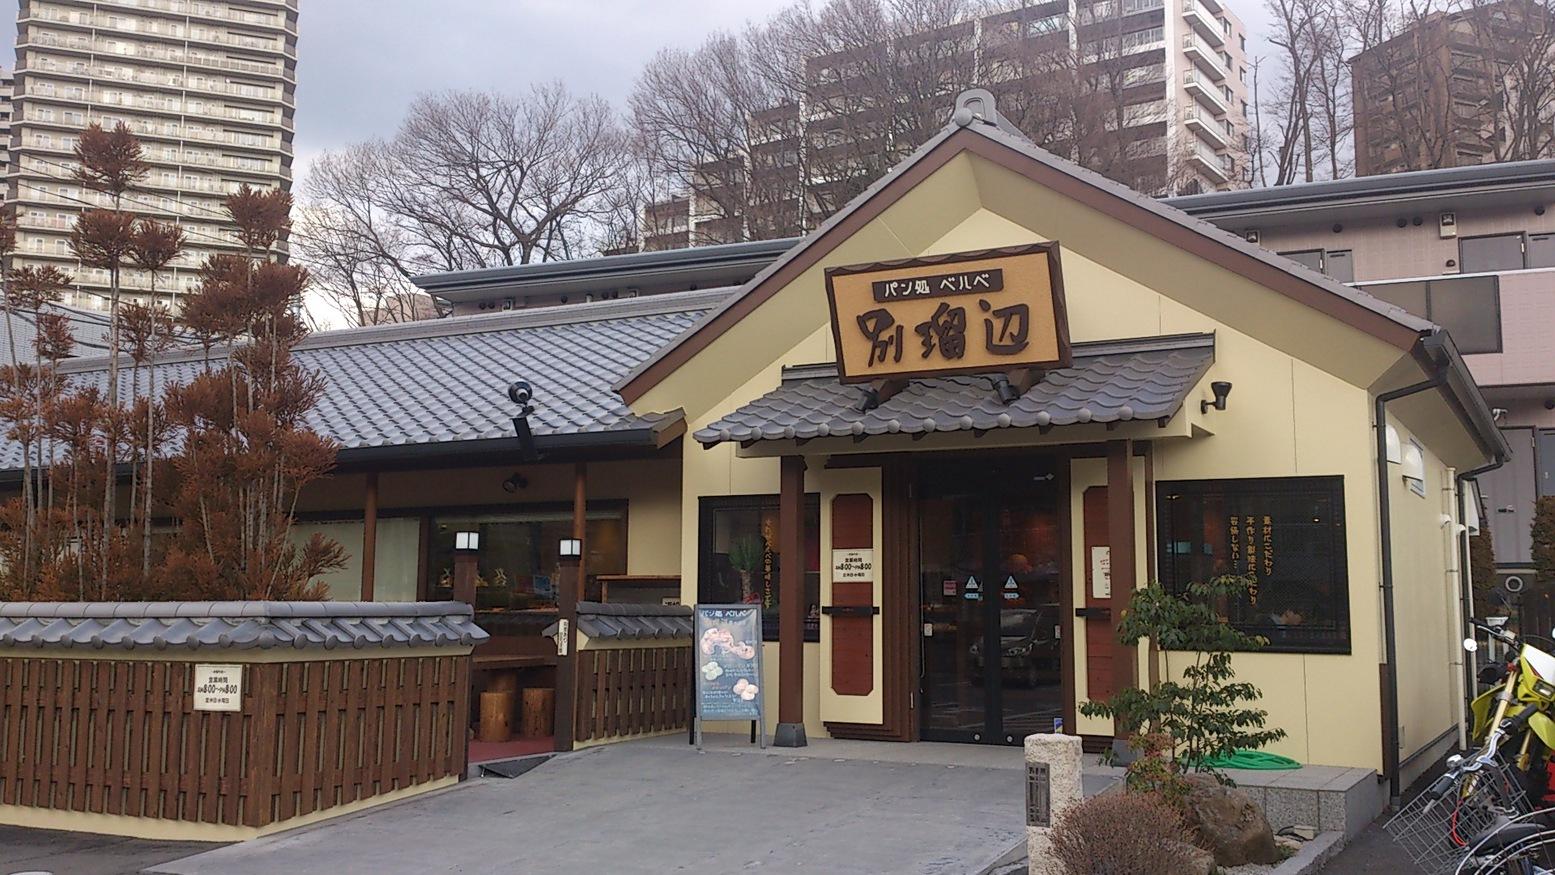 別瑠辺 南大沢店